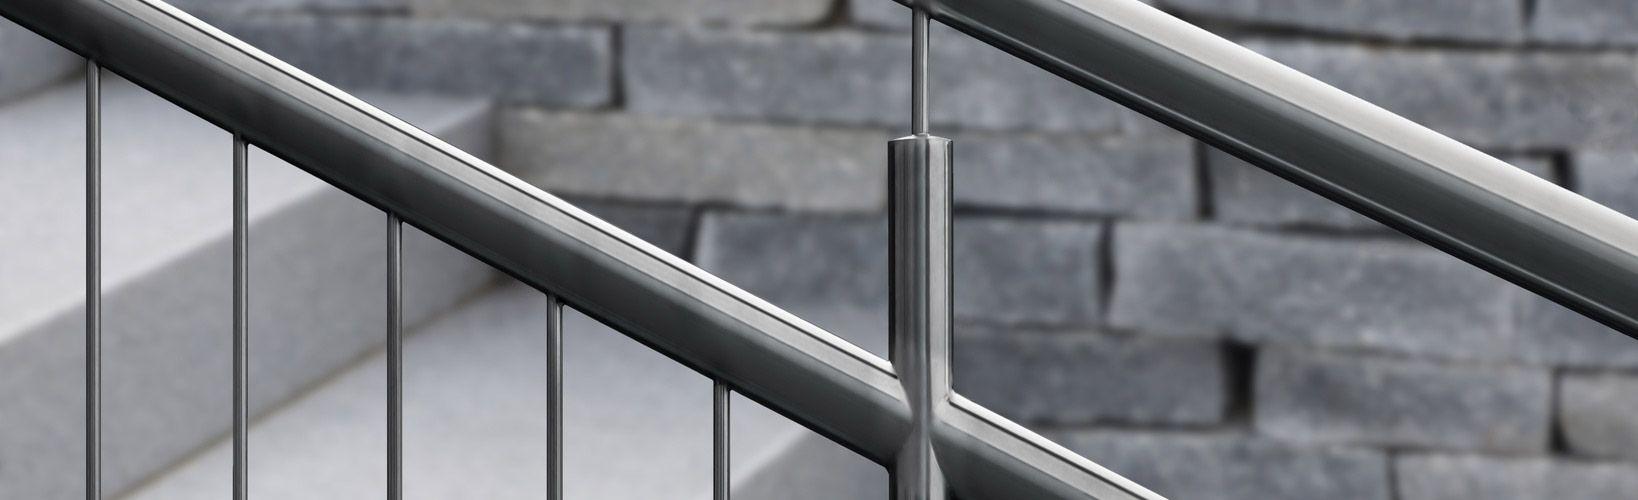 Schody szklane - nowoczesne schody szklane